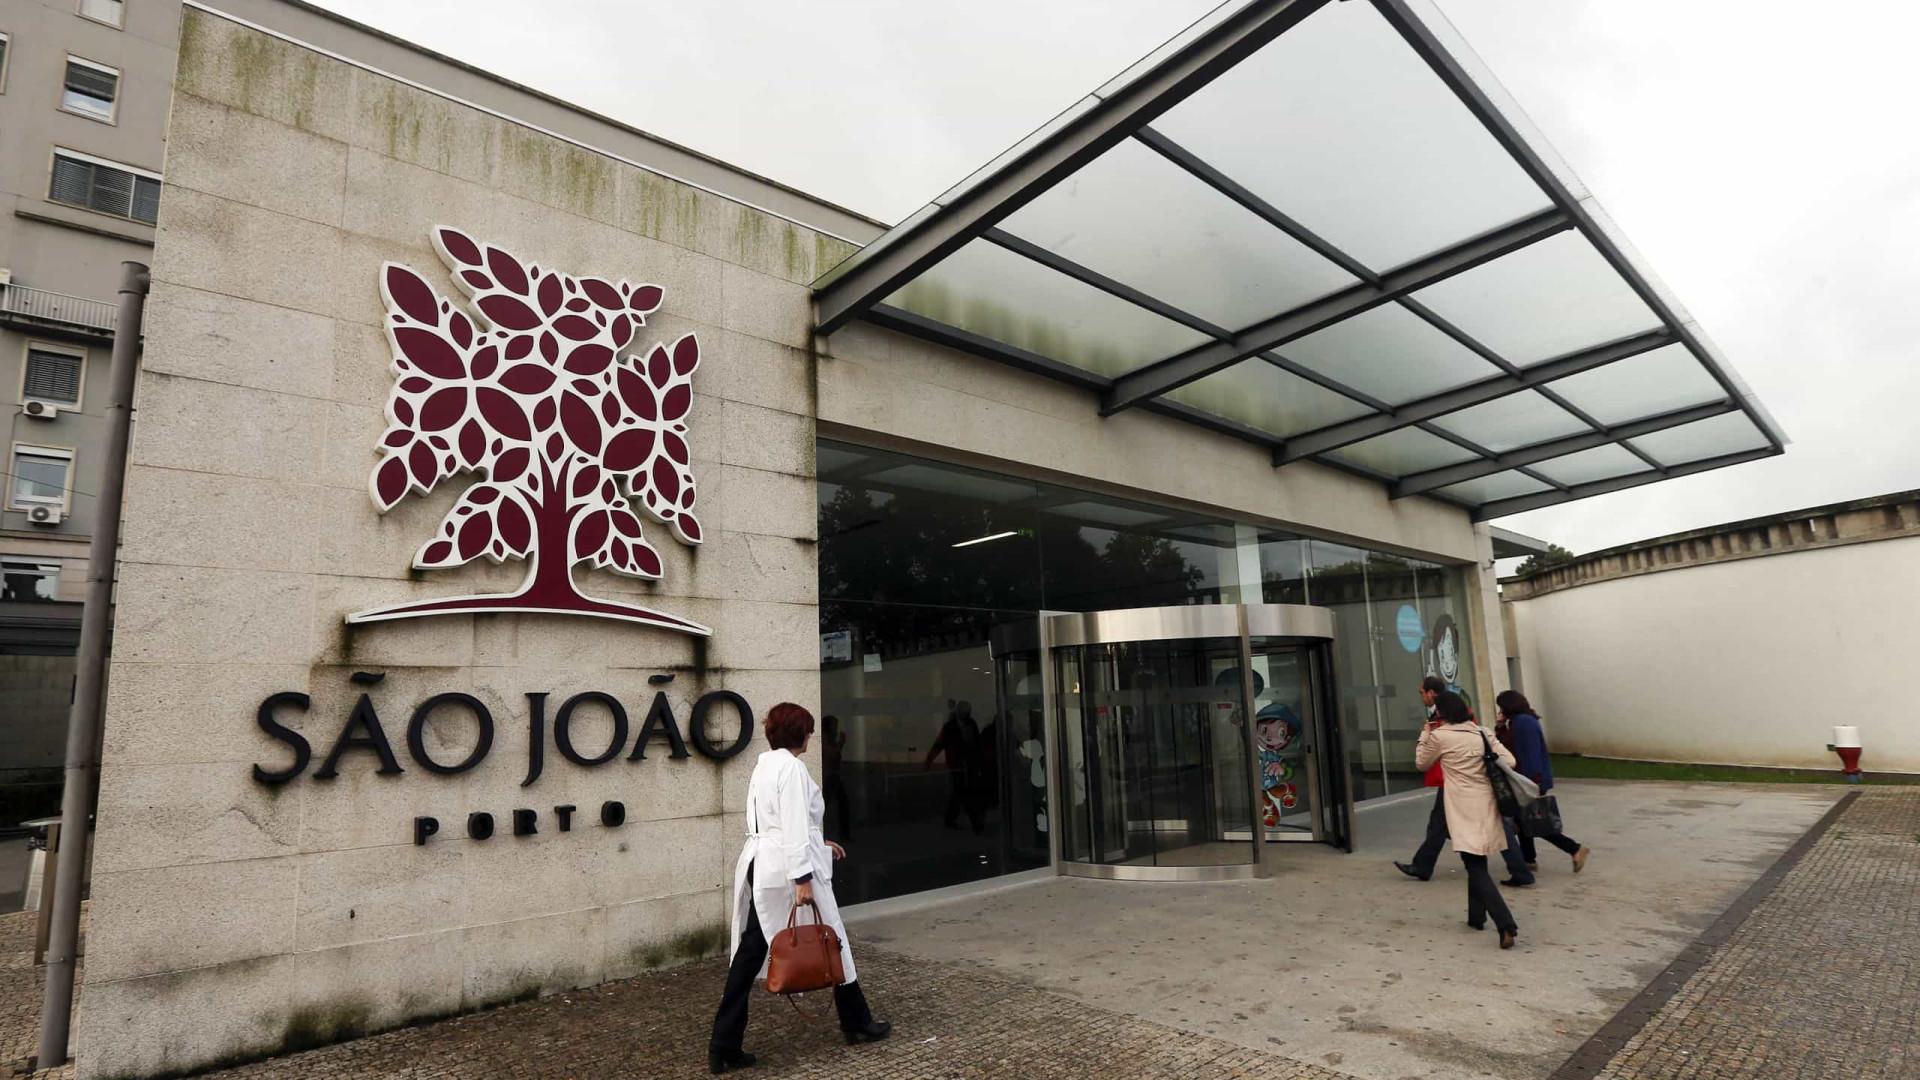 Ministério Público está a analisar contratos de contentores no São João